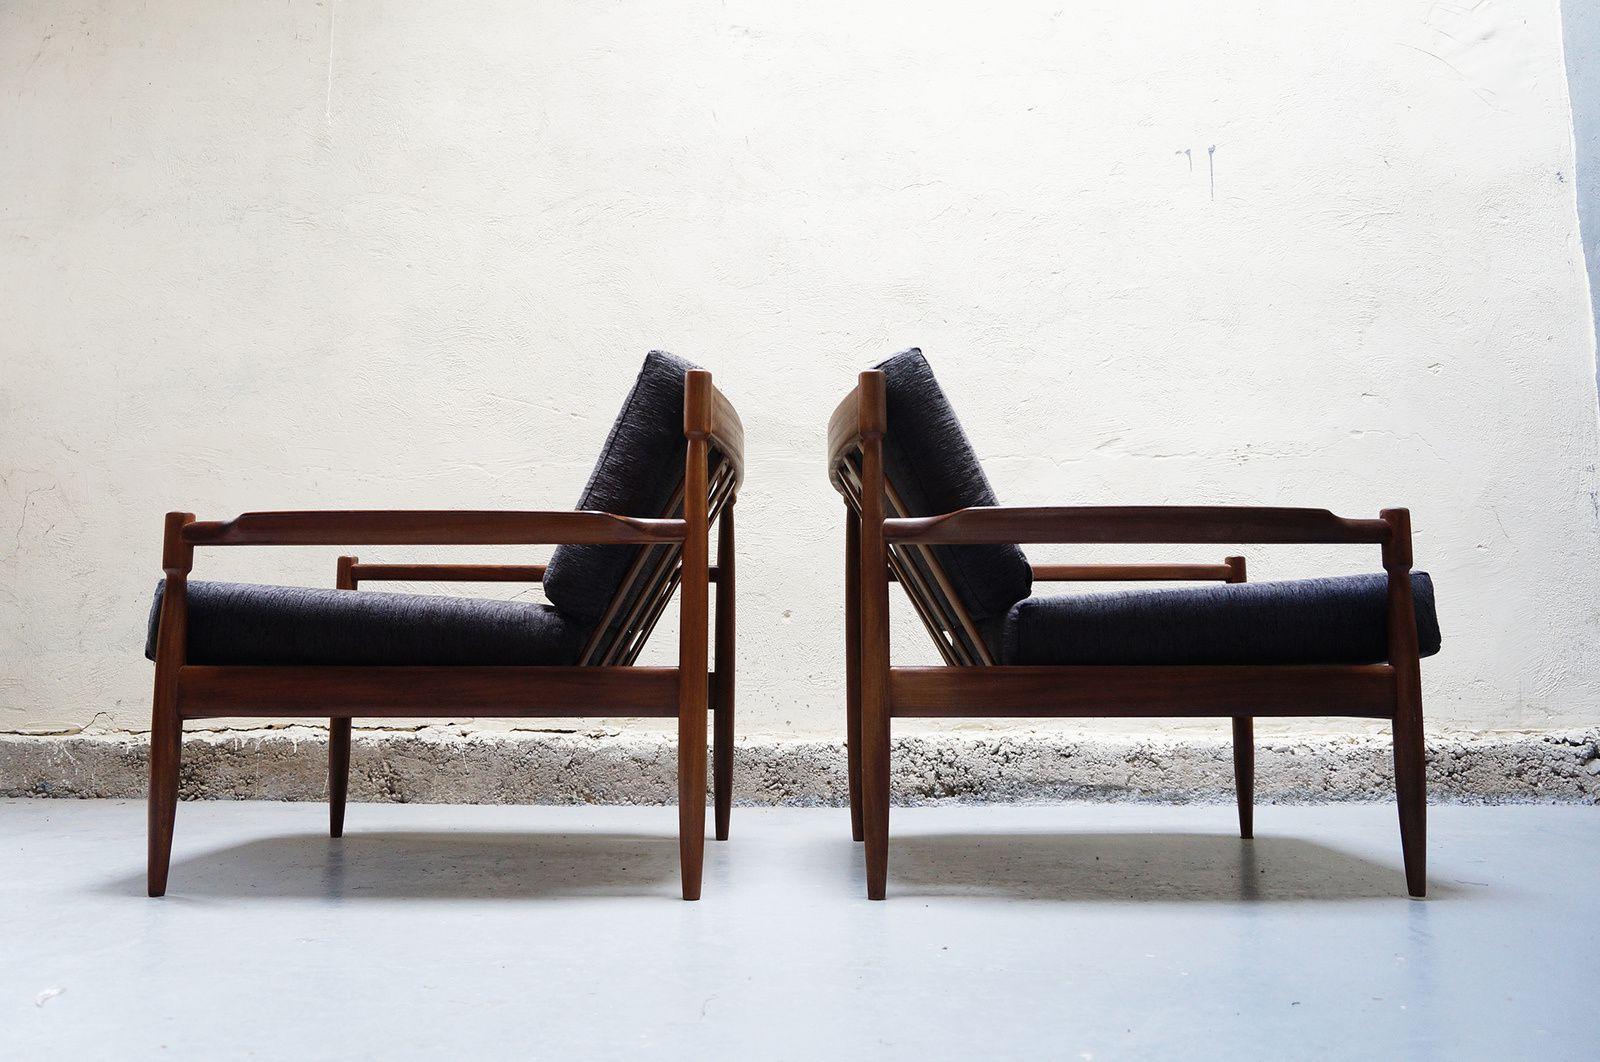 Paire de fauteuil gris scandinave teck vintage design annees 50 60 70 danois - Mobilier scandinave design ...